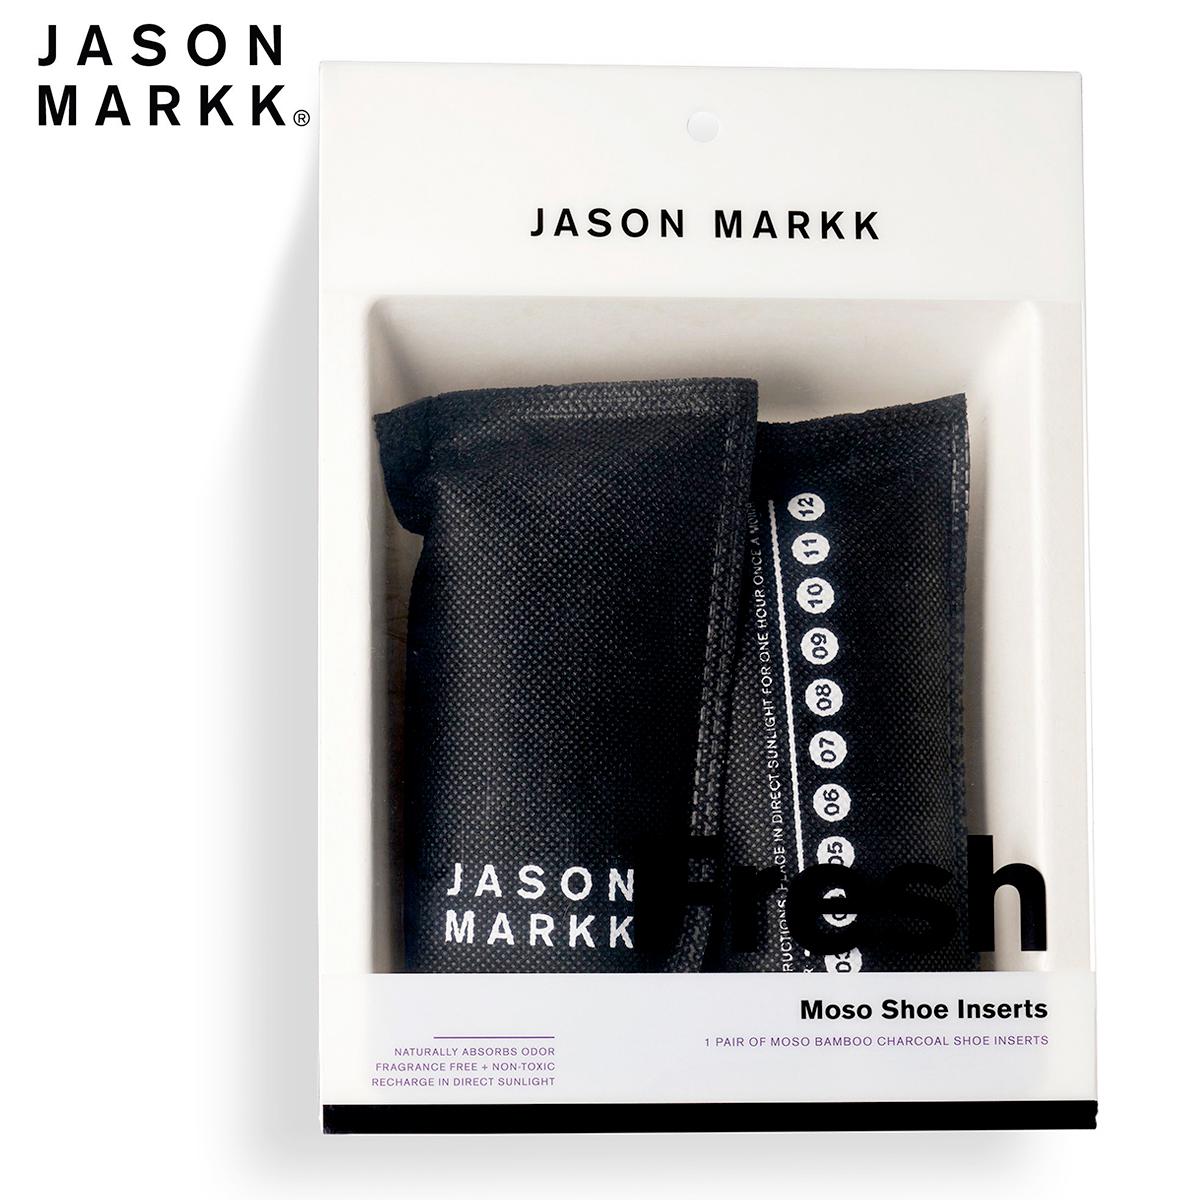 永遠の定番モデル 送料無料 JASON 18%OFF MARKK ジェイソンマーク スニーカー専用消臭剤 モソ 104008 FRESHENER フレッシュナー MOSO